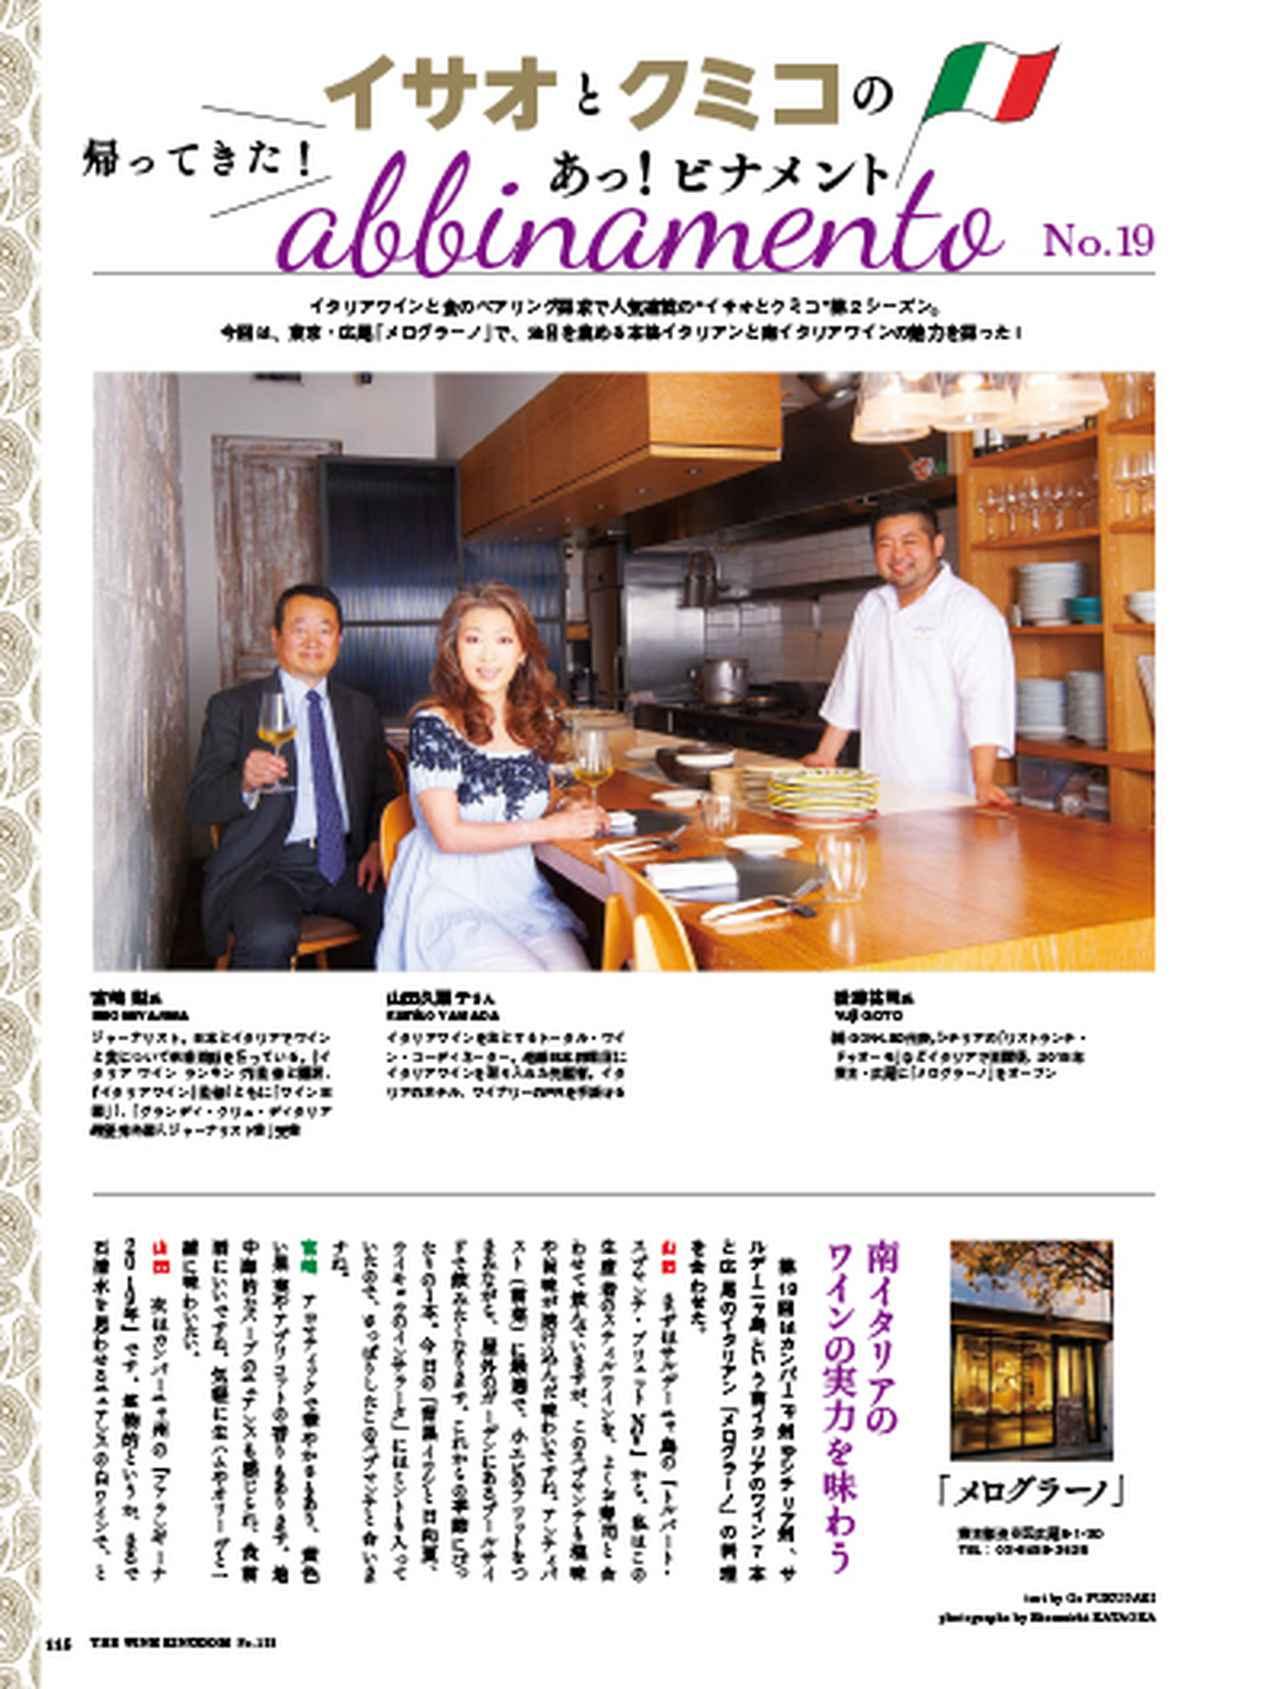 画像6: 6/5発売『ワイン王国 123号』日本ワイン特集!ブラインド・テイスティングで決定 本当に美味しい63本